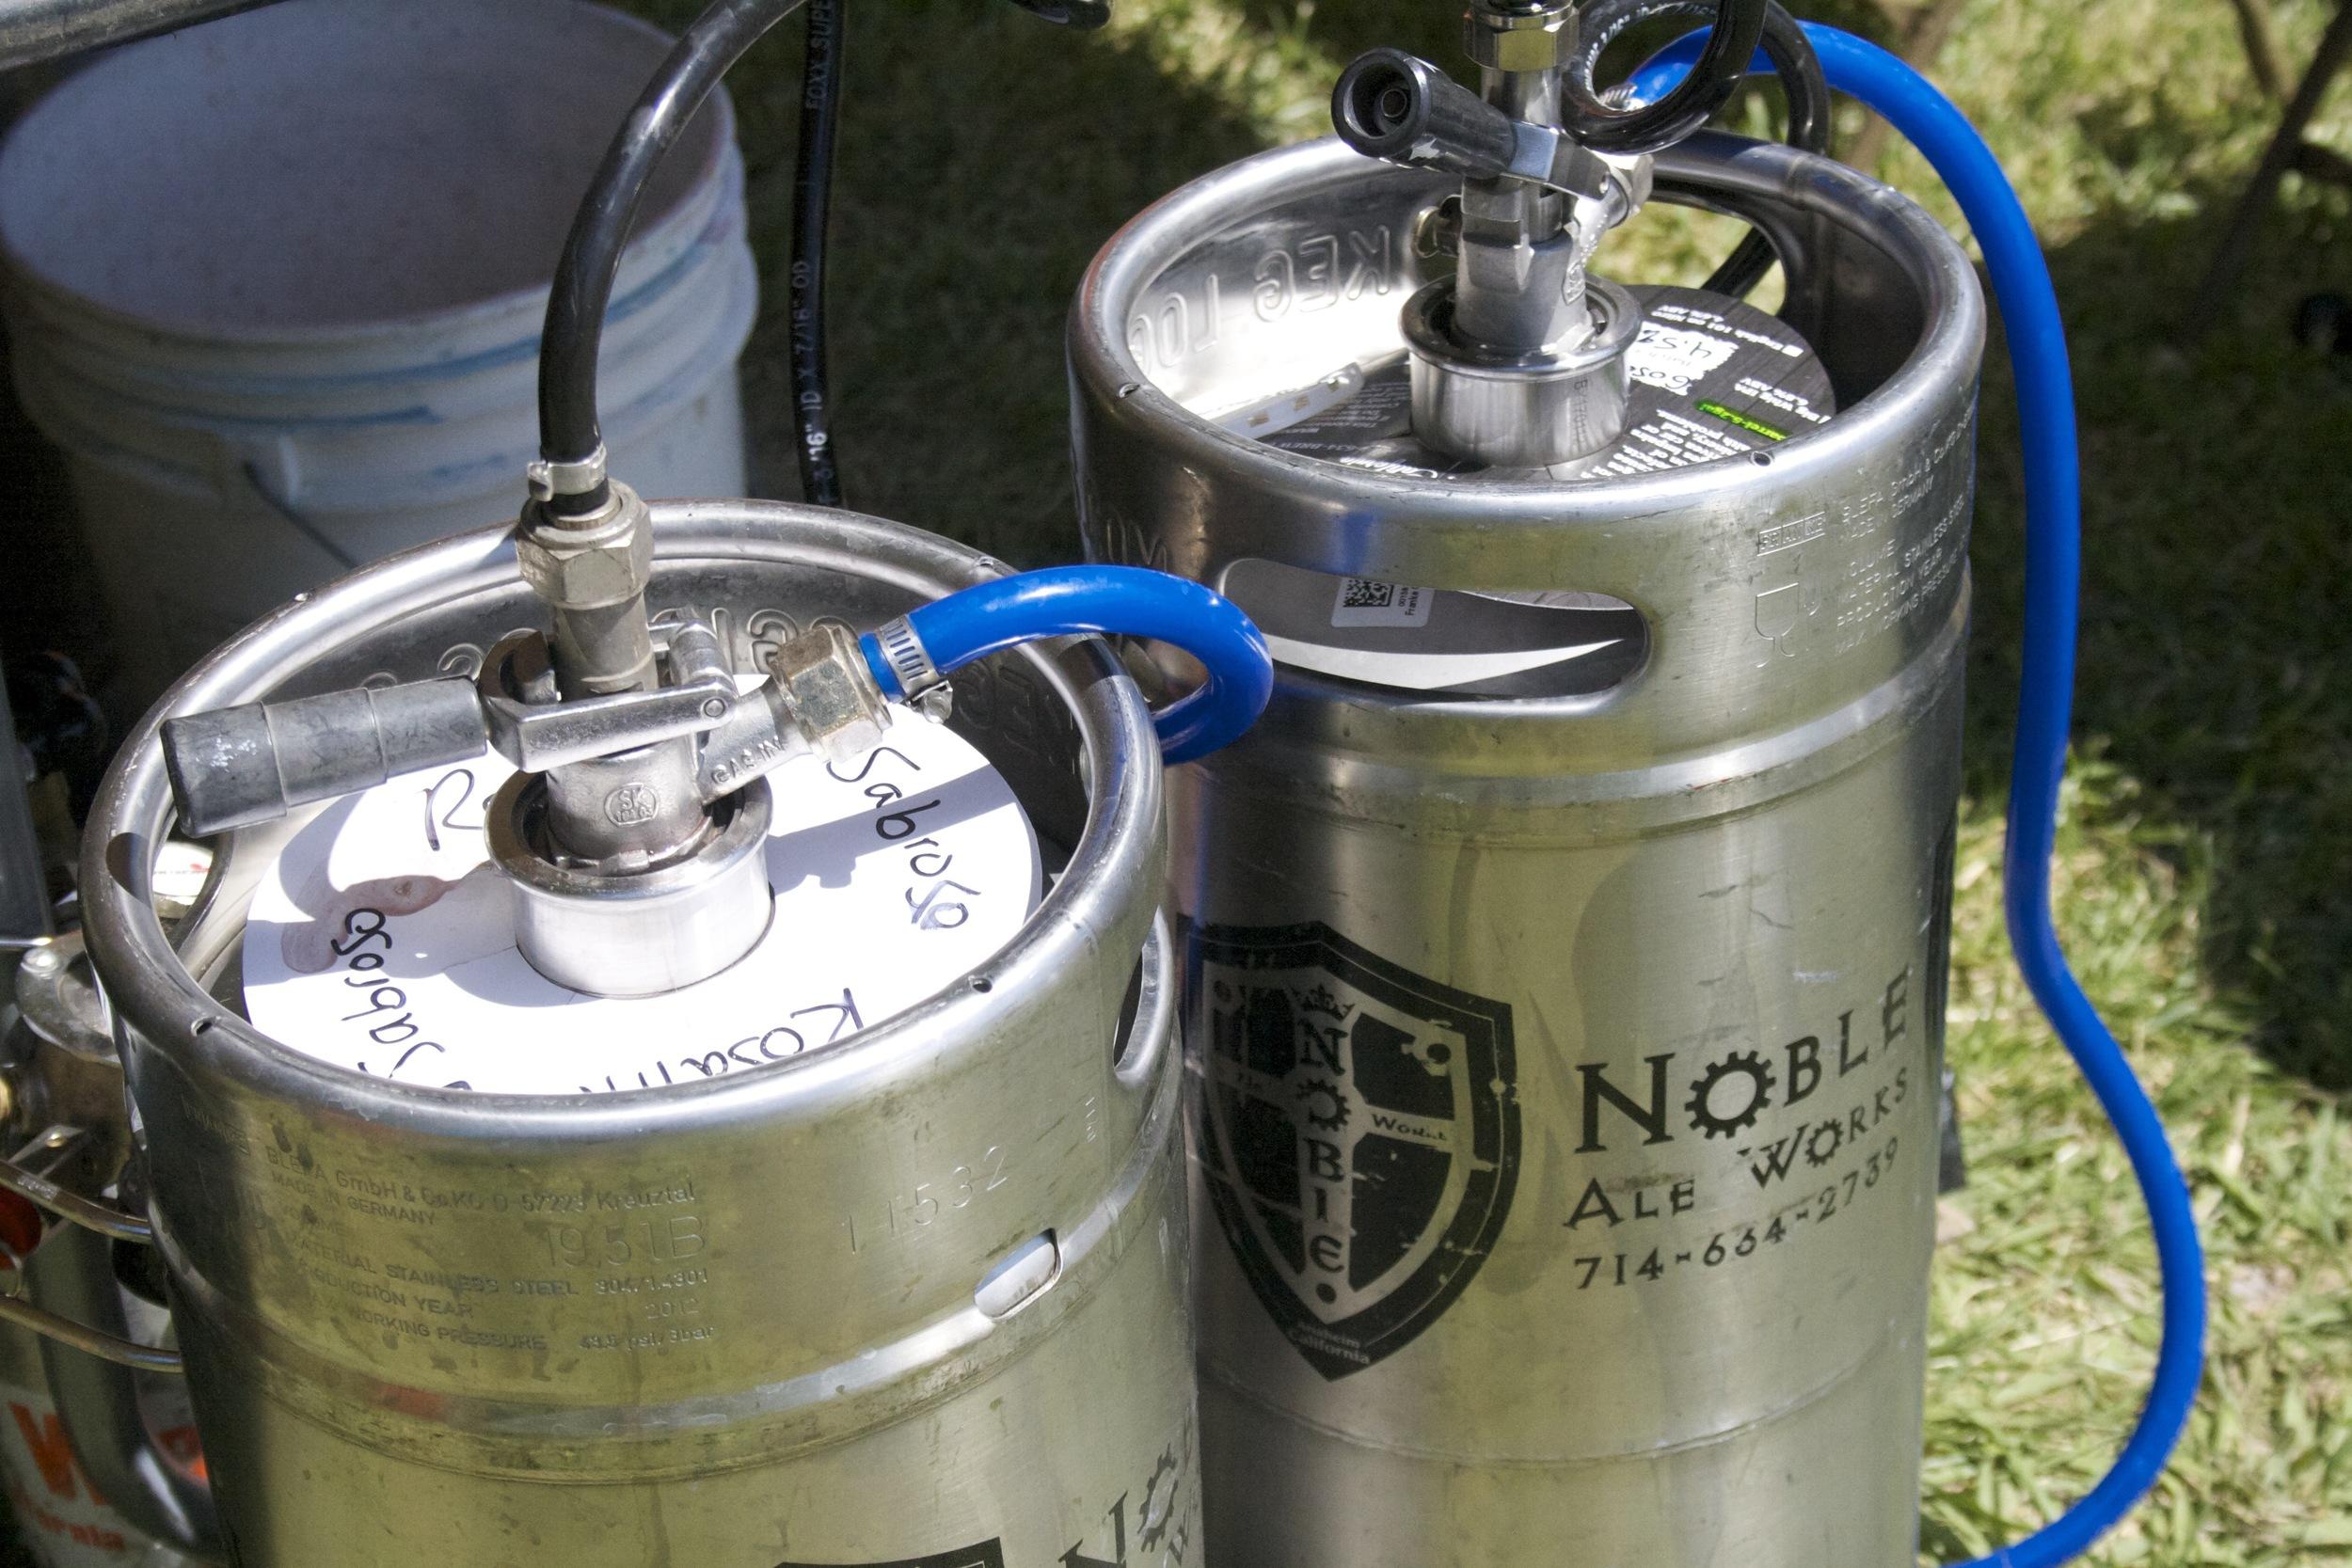 Lots and Lots of beer (Noble Ale kegs)